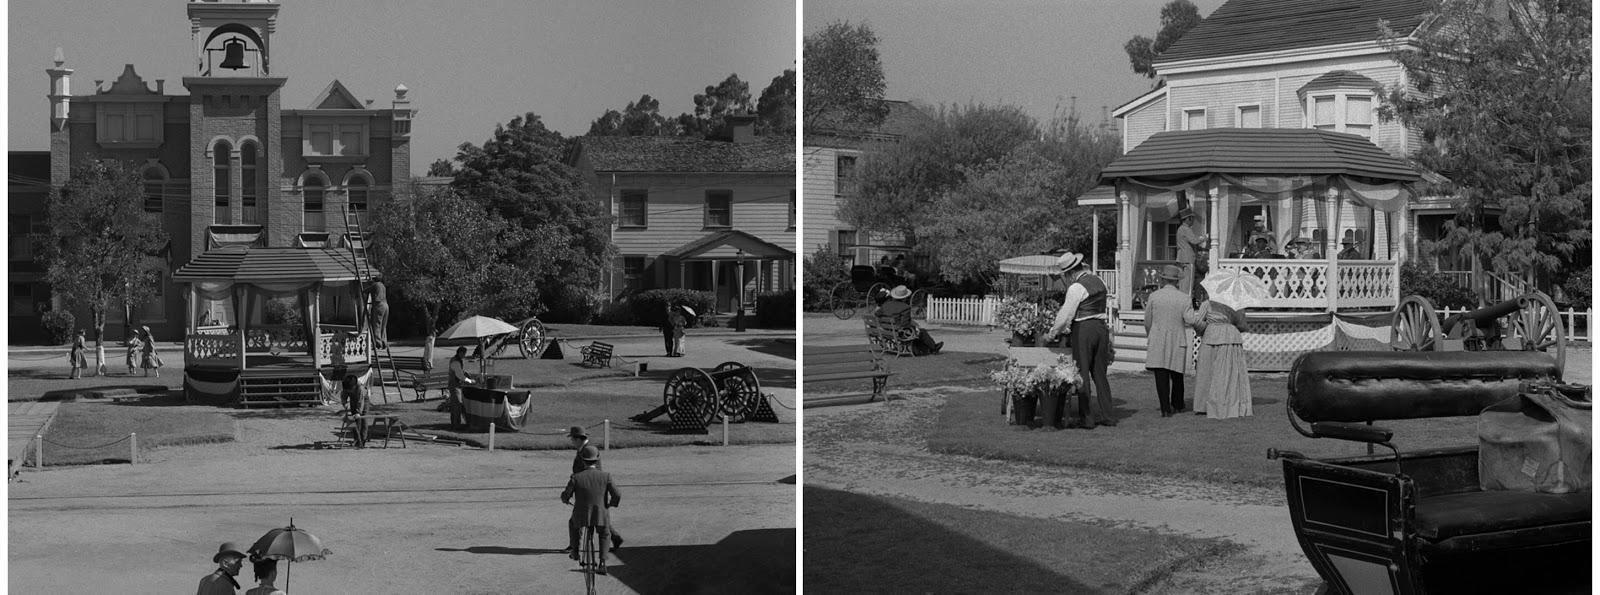 07 Willoughby - Homeville.jpg